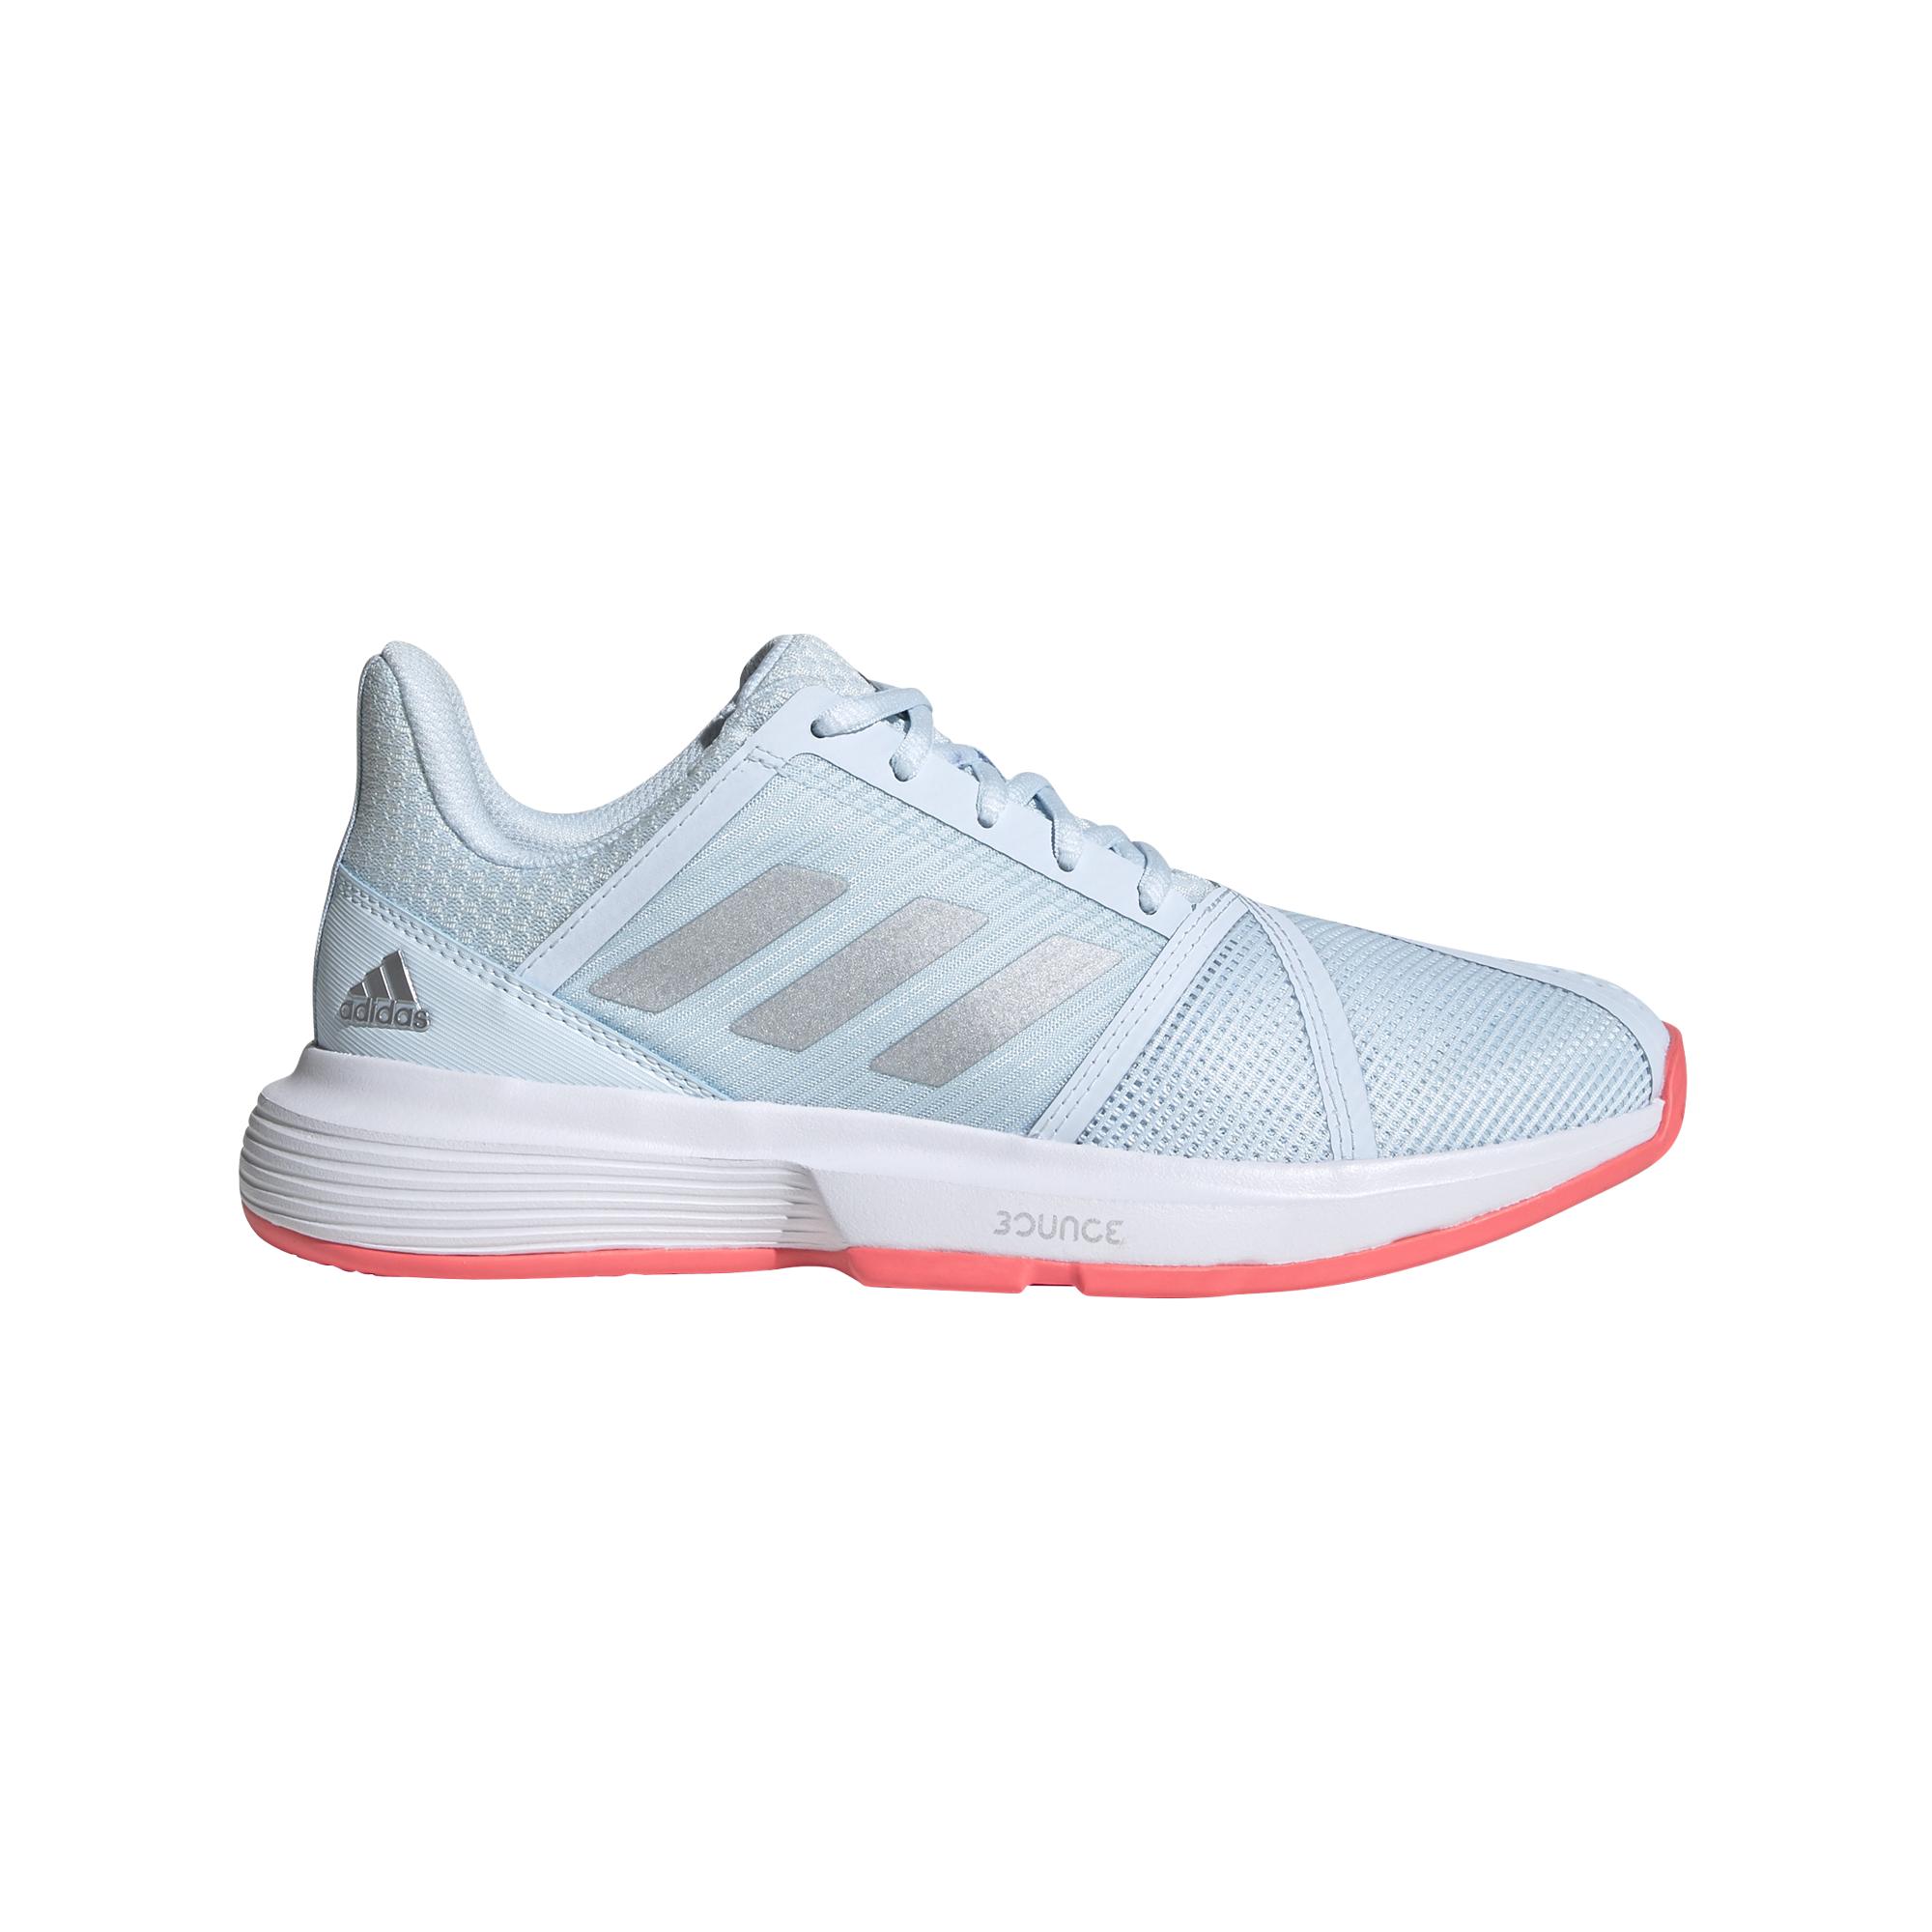 CourtJam Bounce Women's Tennis Shoe - Light Blue/White